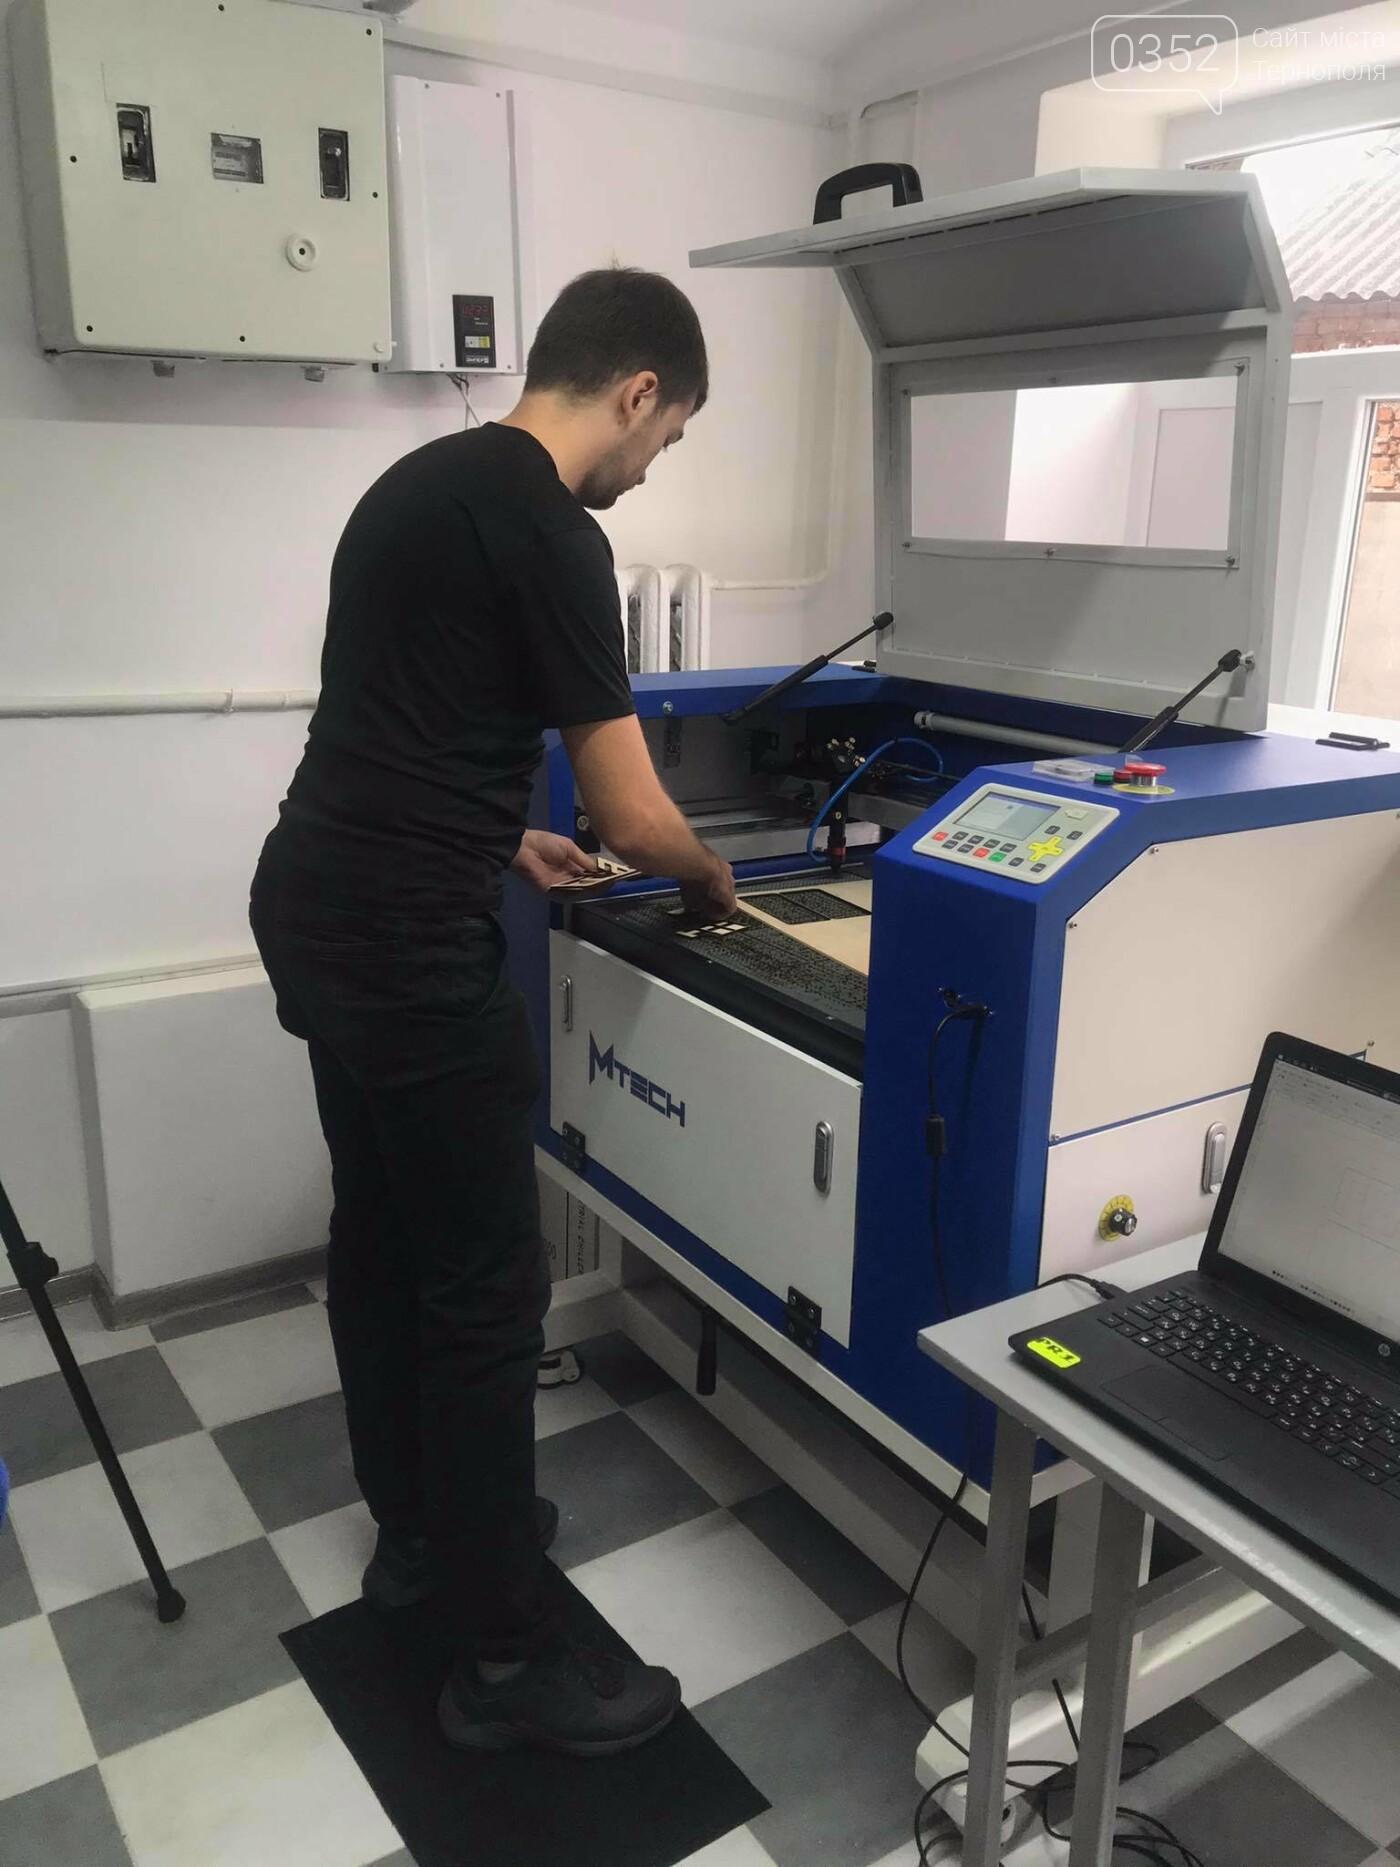 Сучасну студію робототехніки відкрили у Підволочиську за сприяння «Контінентал Фармерз Груп» , фото-6